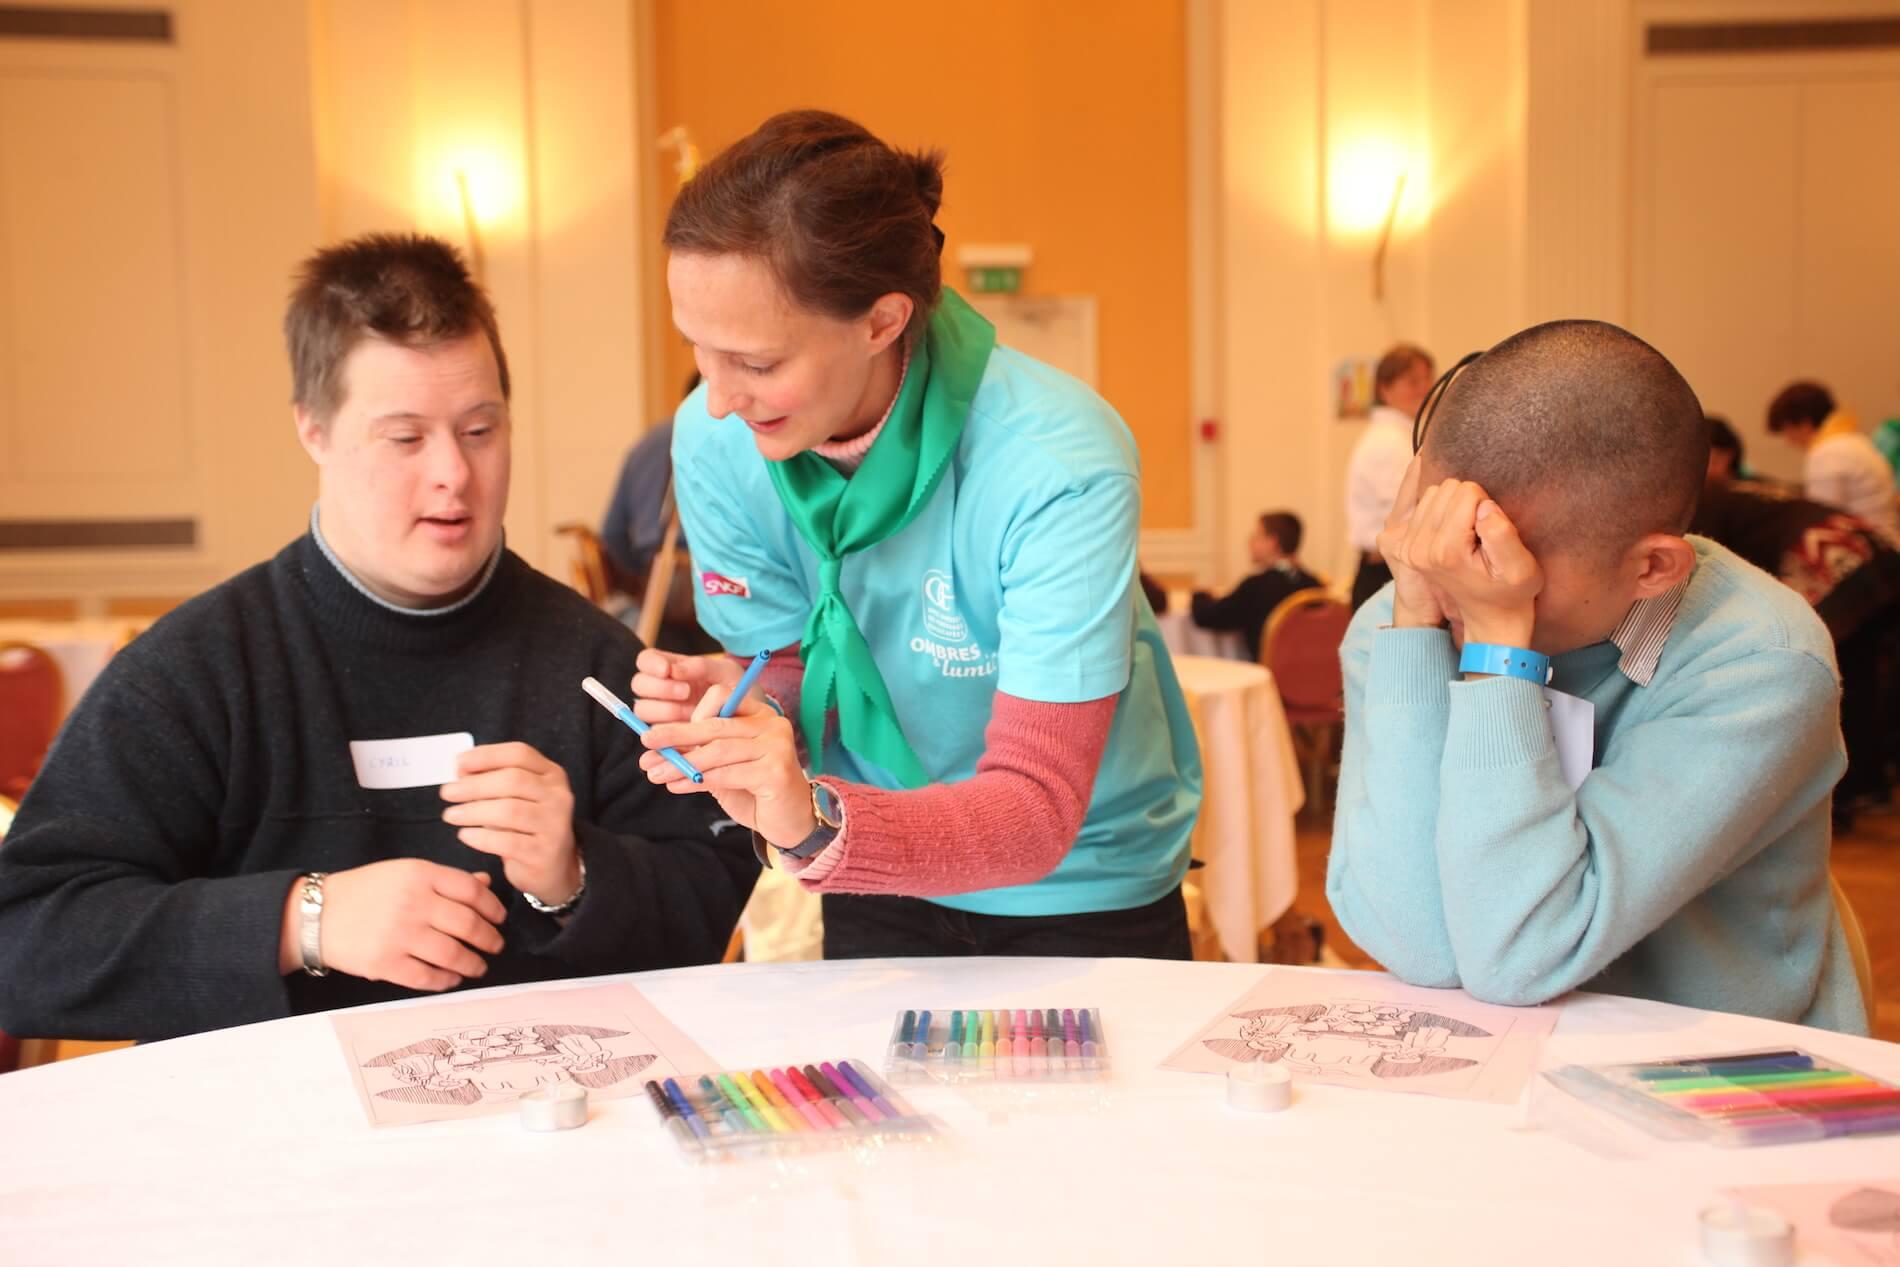 Bénévoles de l'OCH dessinant avec des personnes handicapées